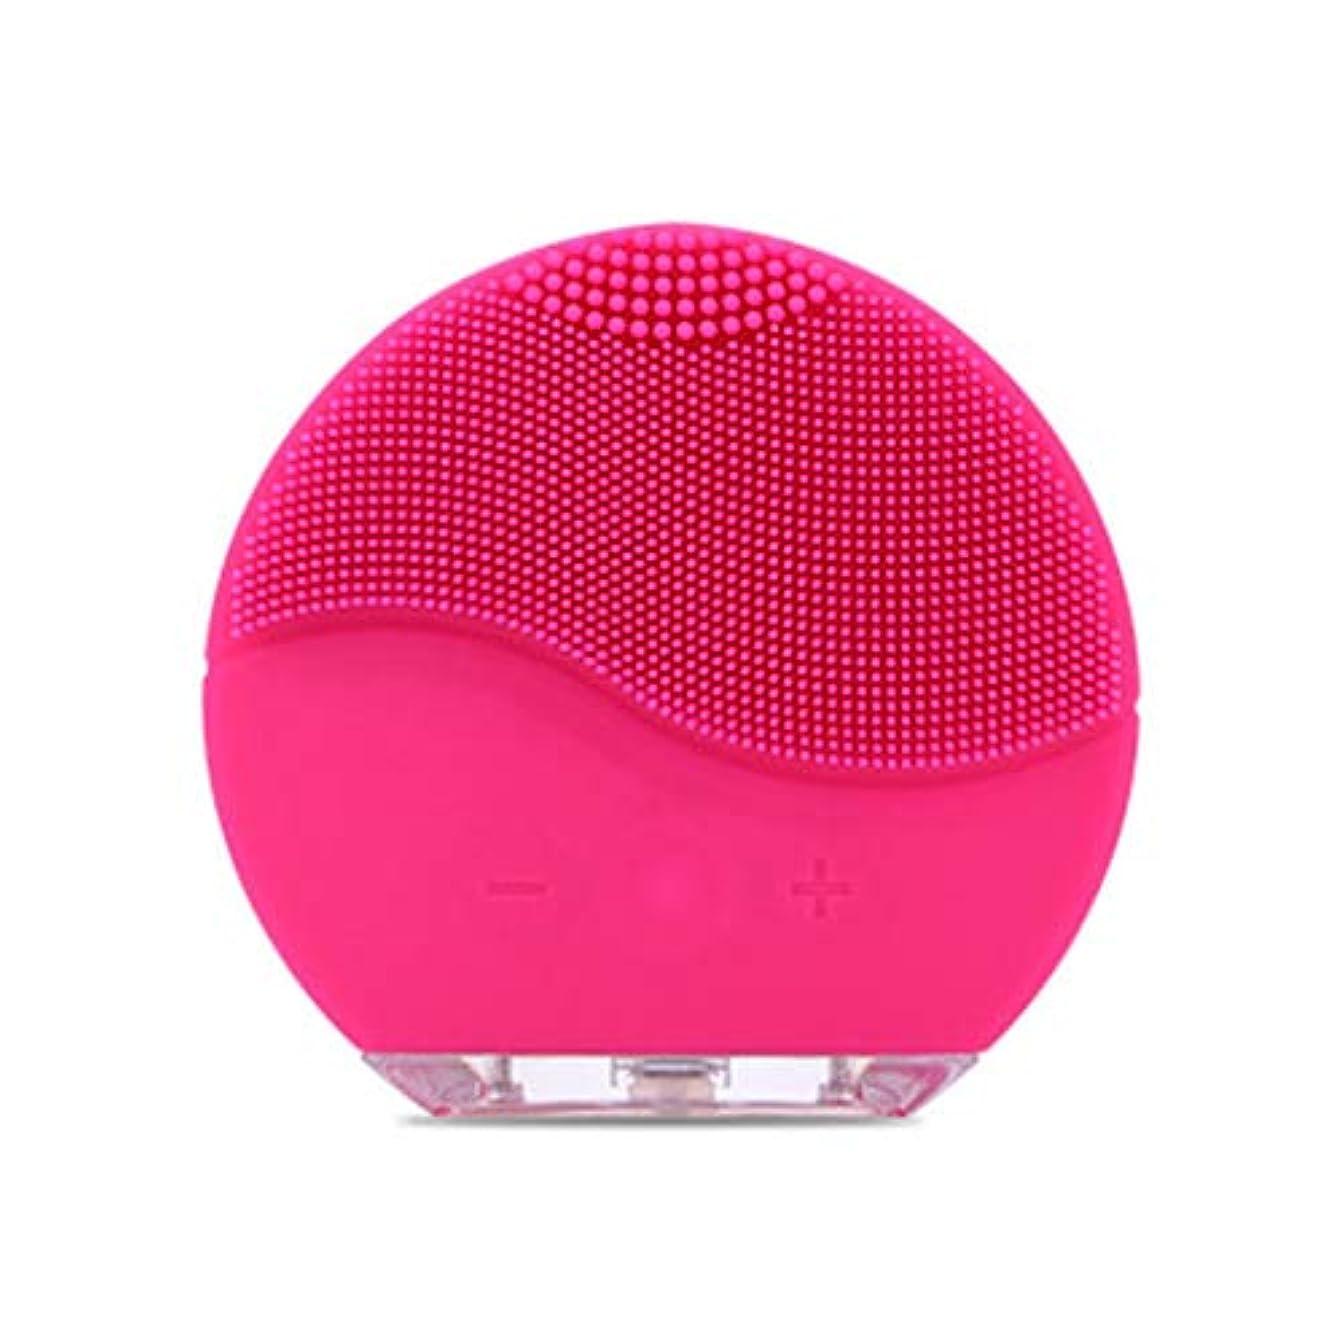 規制敵意誘導Qi フェイシャルクレンザーブラシ、電気フェイシャルミニシリコン防水超音波ポアクリーンインストゥルメントフェイススキンケアスパマッサージャー GQ (色 : A)